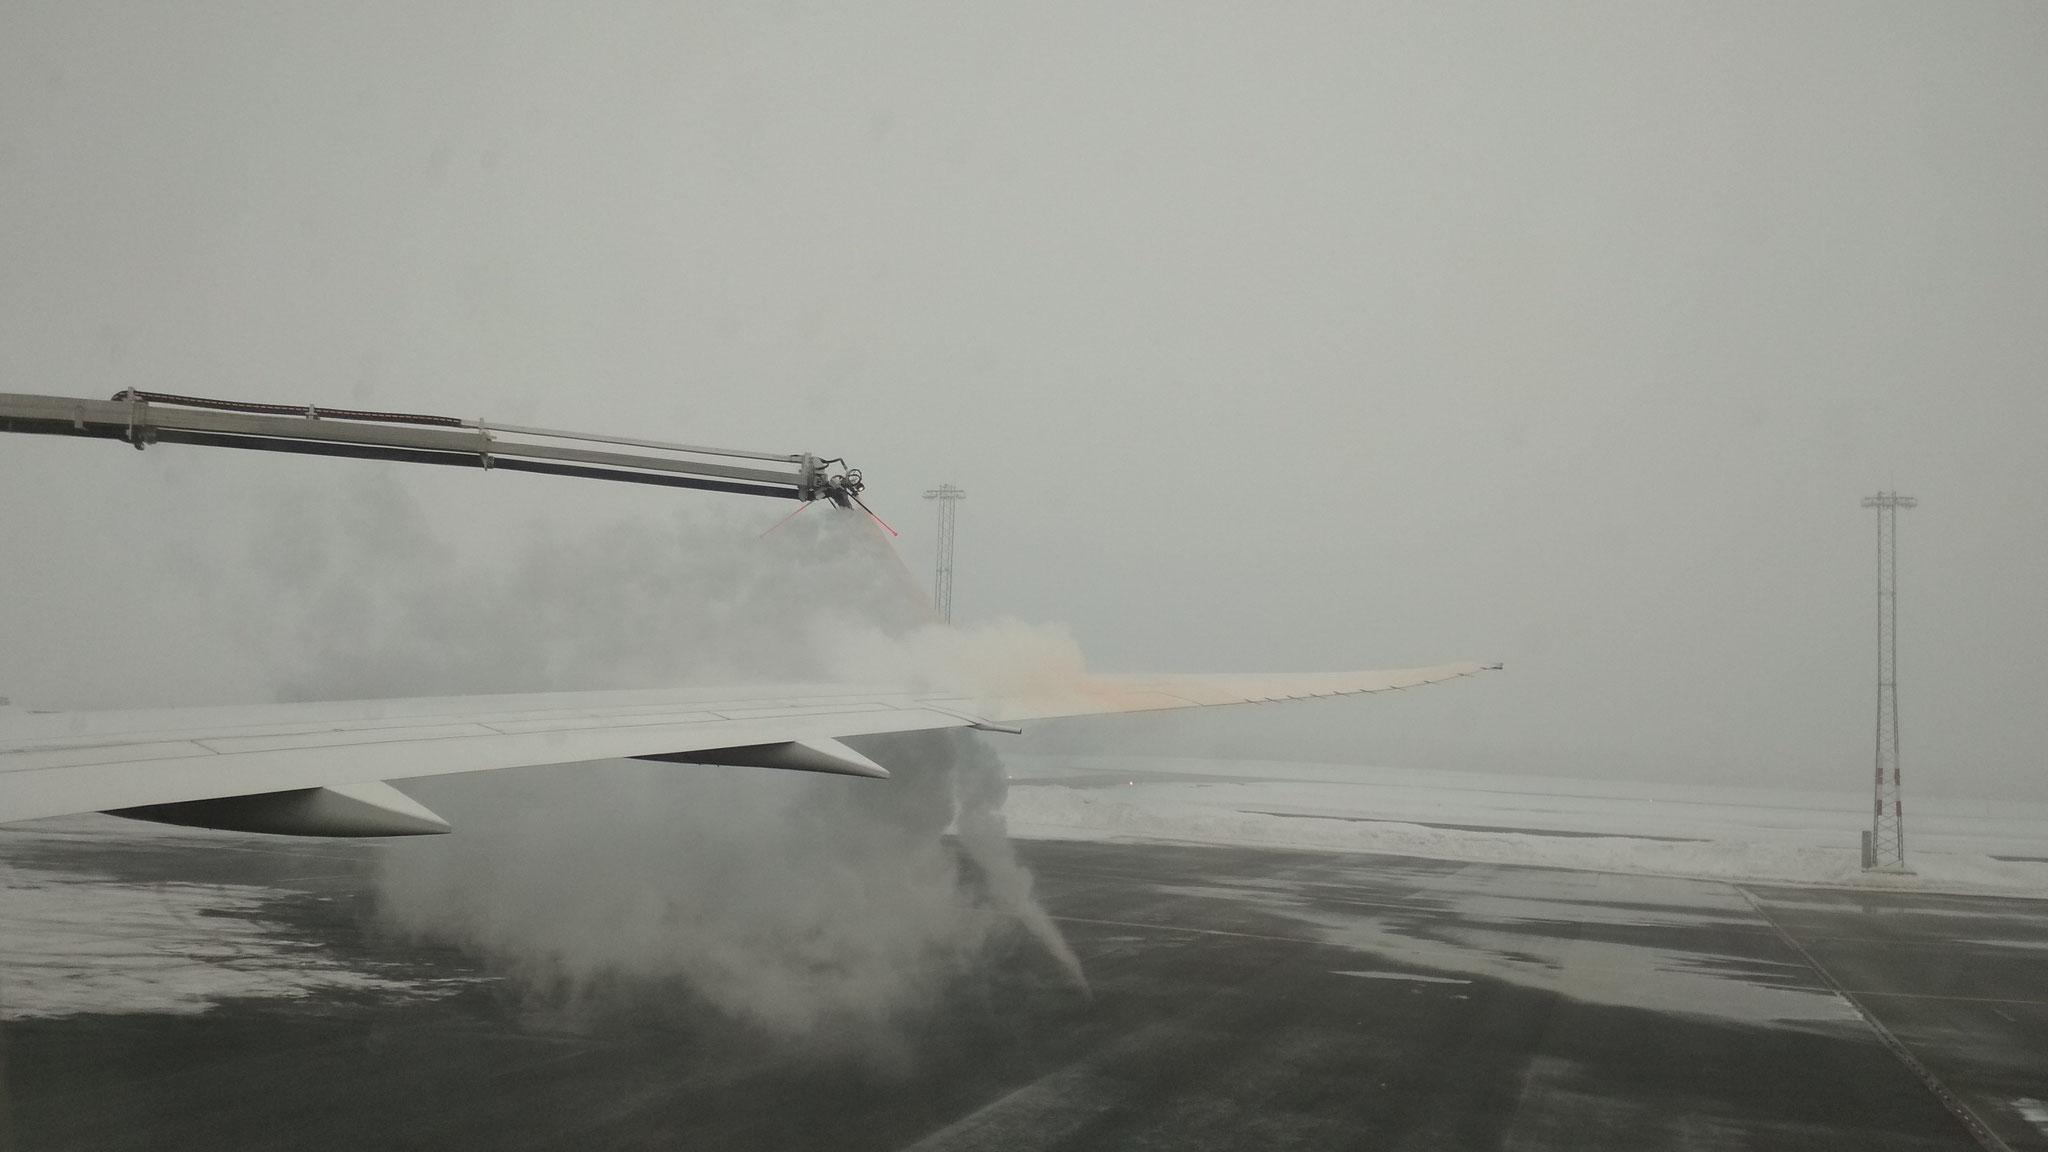 Die Flügel werden vor Schnee geschützt